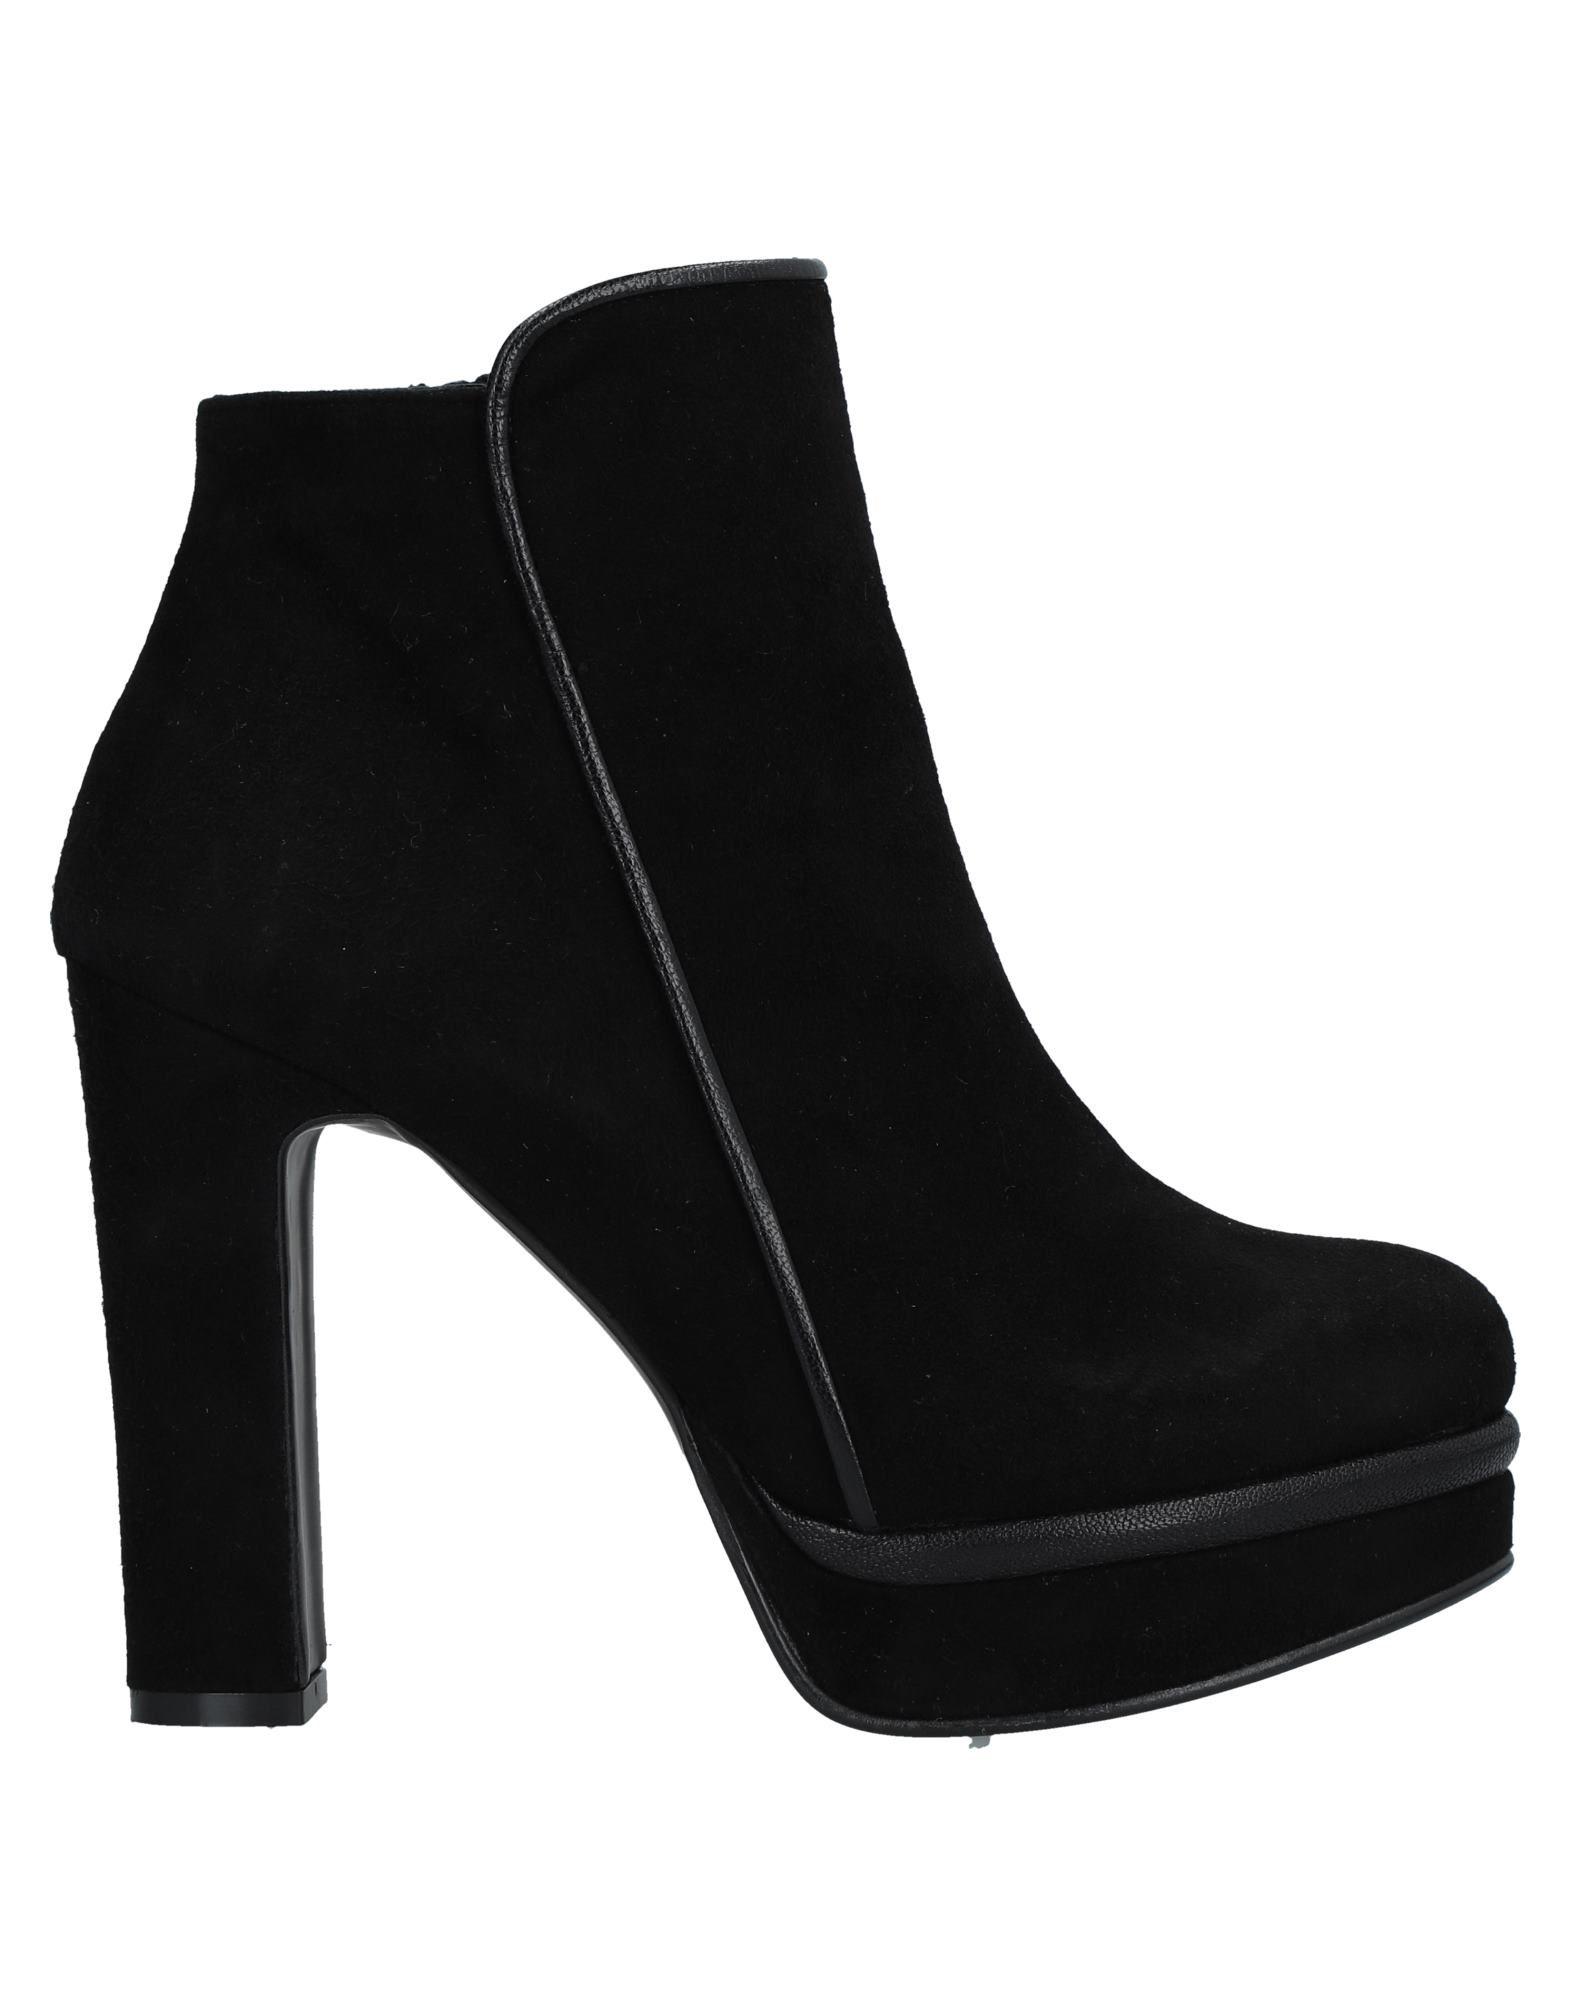 Silvana Gute Stiefelette Damen  11529879CA Gute Silvana Qualität beliebte Schuhe 674111